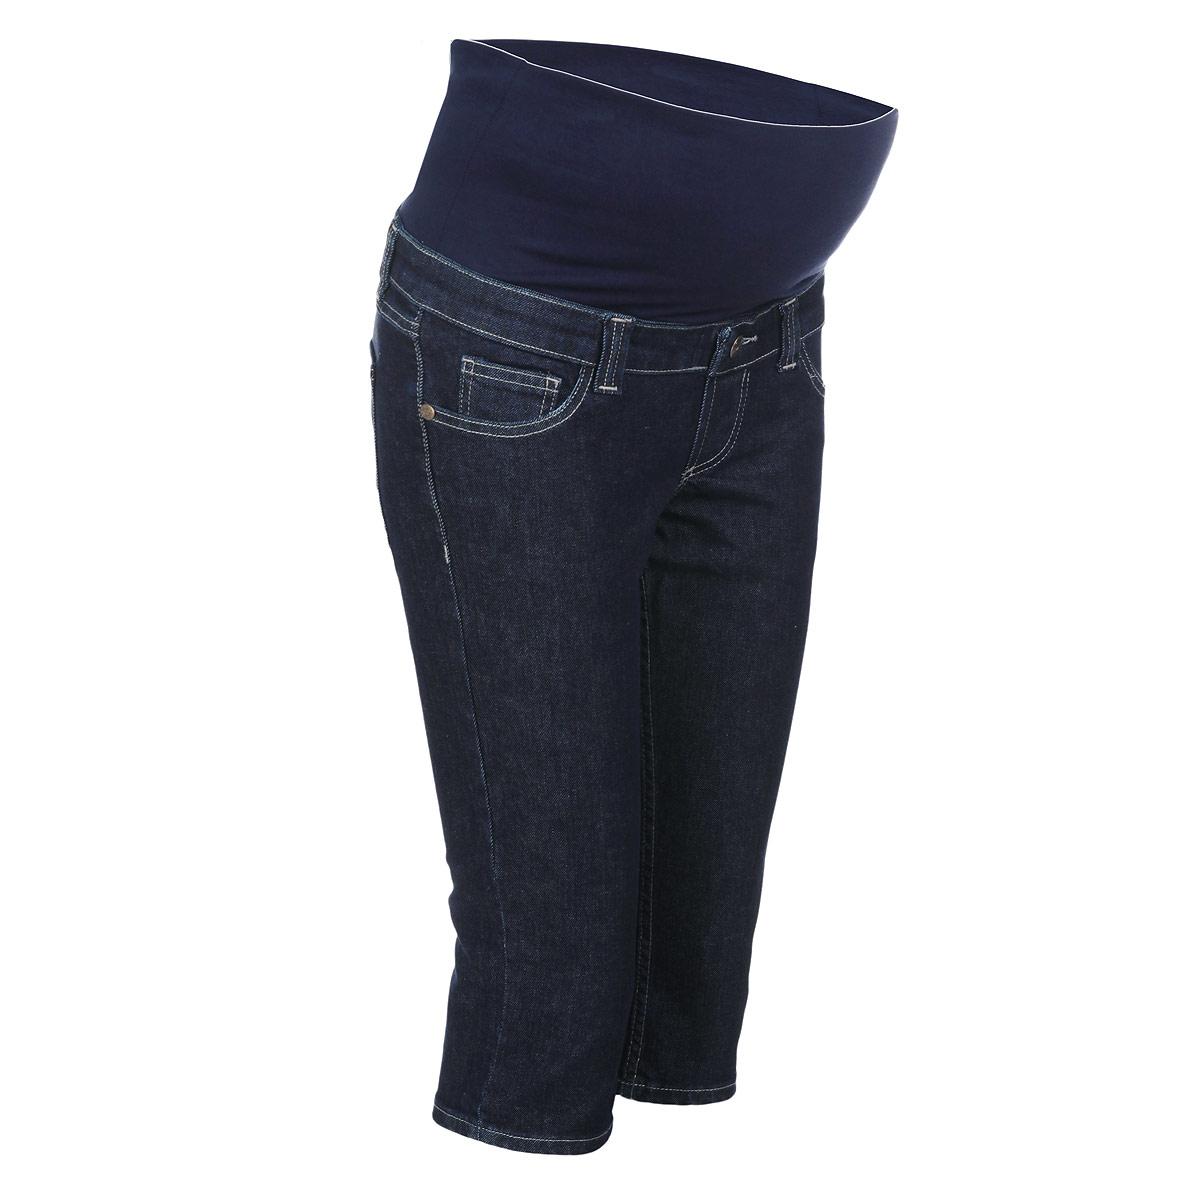 Бриджи для беременных Nuova Vita, цвет: темно-синий. 5312.11. Размер 425312.11Очень удобные джинсовые бриджи для беременных Nuova Vita с бандажом на живот, изготовленные из плотного хлопка, придают женщине элегантность и индивидуальность. Бриджи прямого покроя имеют классический пятикарманный крой: спереди - два втачных кармашка и один маленький накладной, а сзади - два накладных кармана. Имеется имитация ширинки. Бандаж из стрейч-ткани поддерживает живот и уменьшает нагрузку на поясницу. В прохладную погоду бриджи прекрасно сочетаются со свитерами и кардиганами, длинными блузками или джемперами.Эта модель придется по душе даже самой капризной женщине.